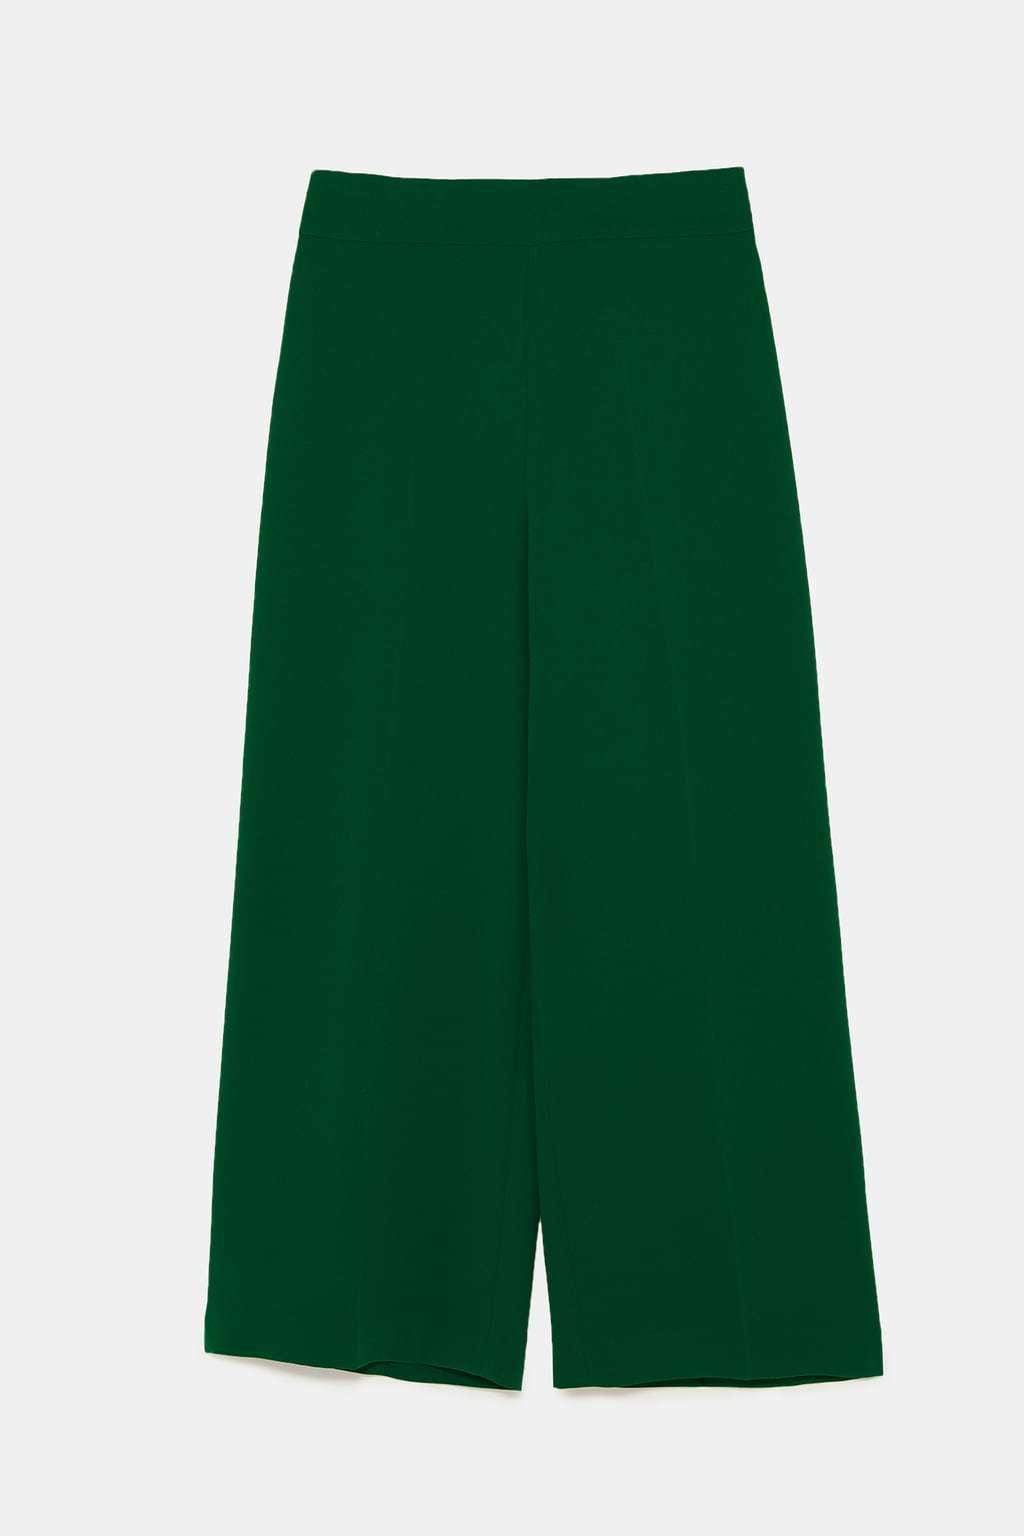 Pantalón de tiro alto (29,95 euros).